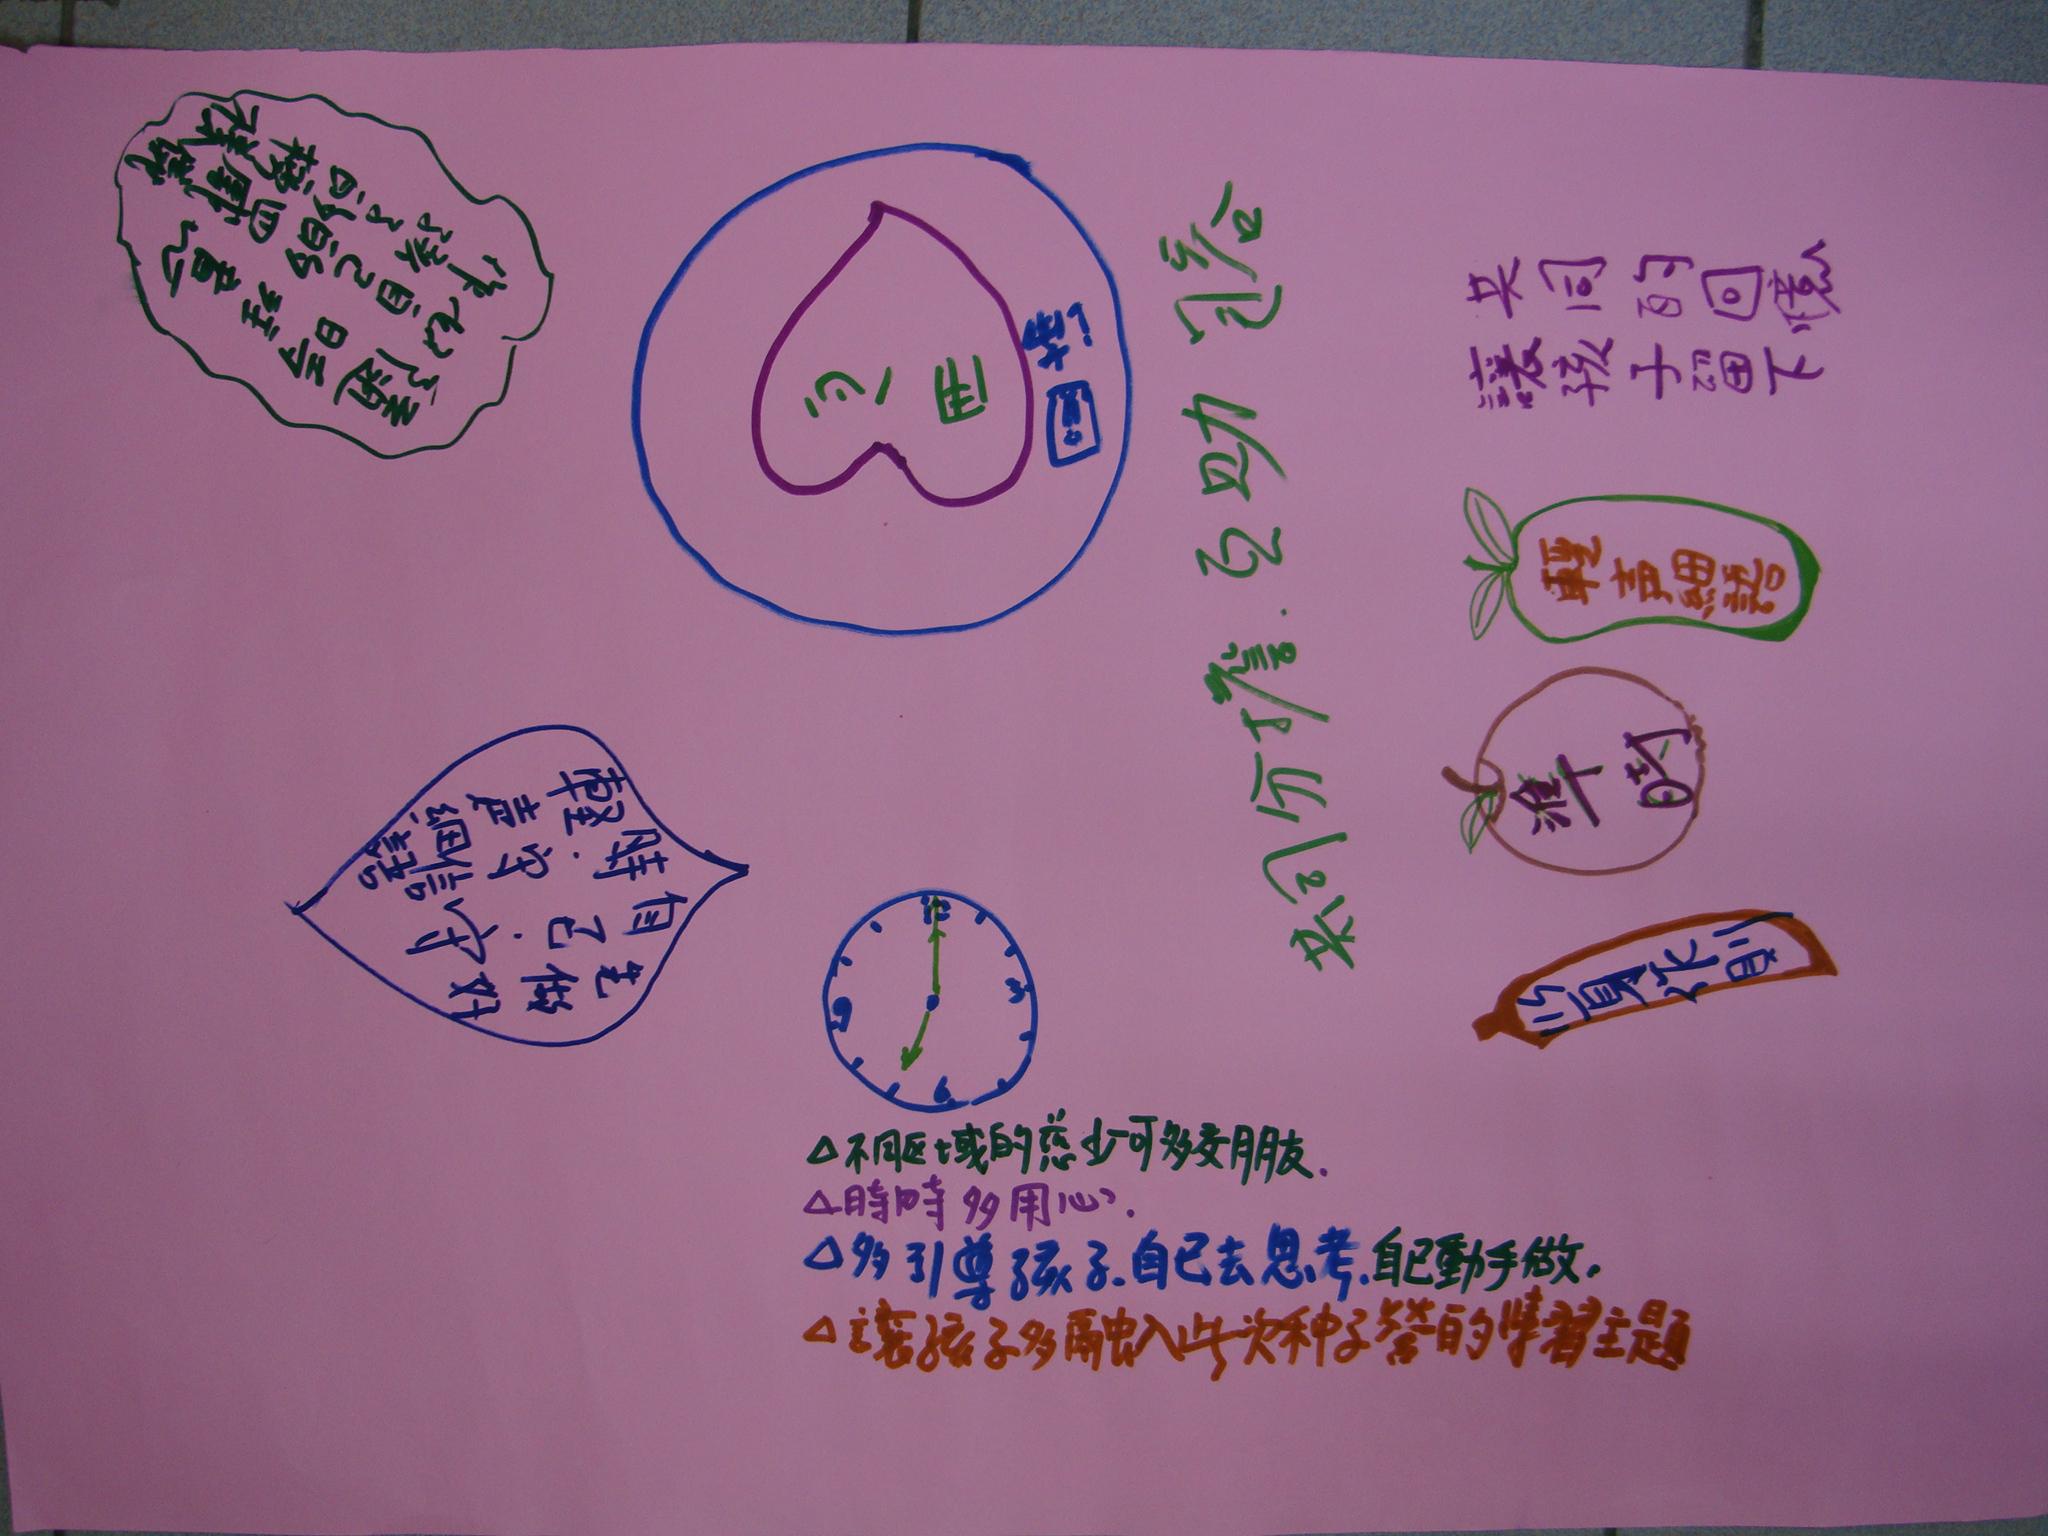 2010年3月20日慈少班種子營世界咖啡館海報分享 !Gfq@